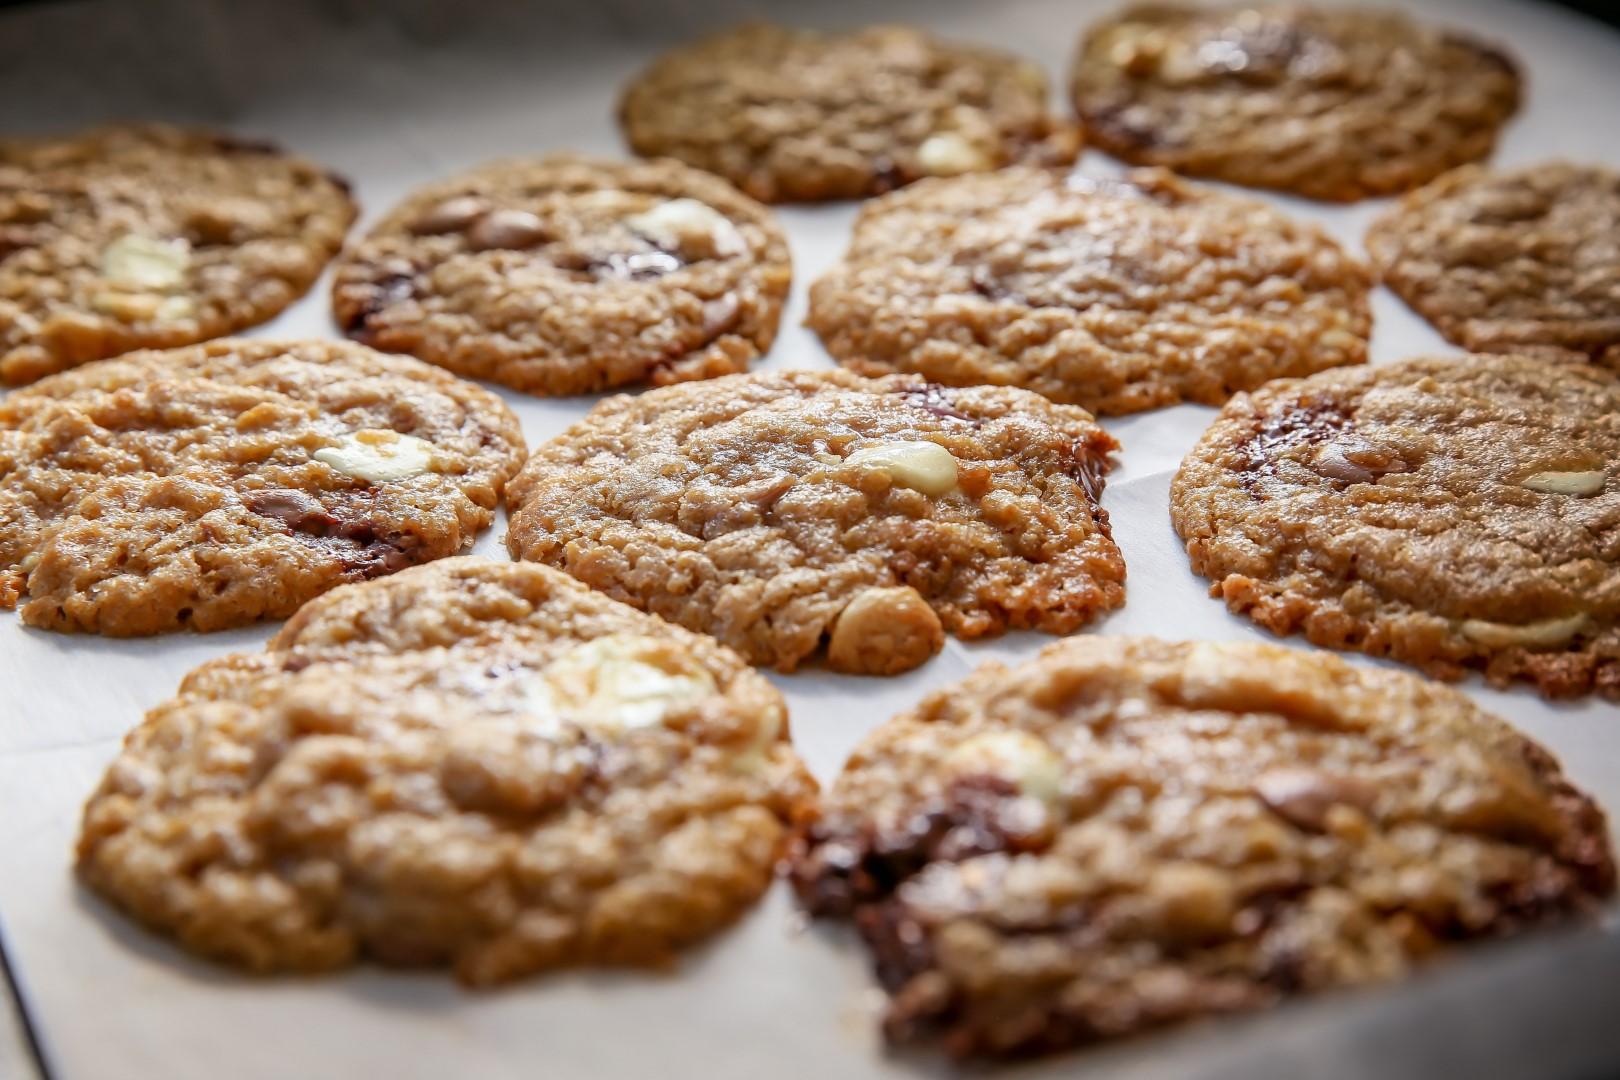 סאני דרעי אופה עוגיות שוקולד (צילום: ירון ברנר)